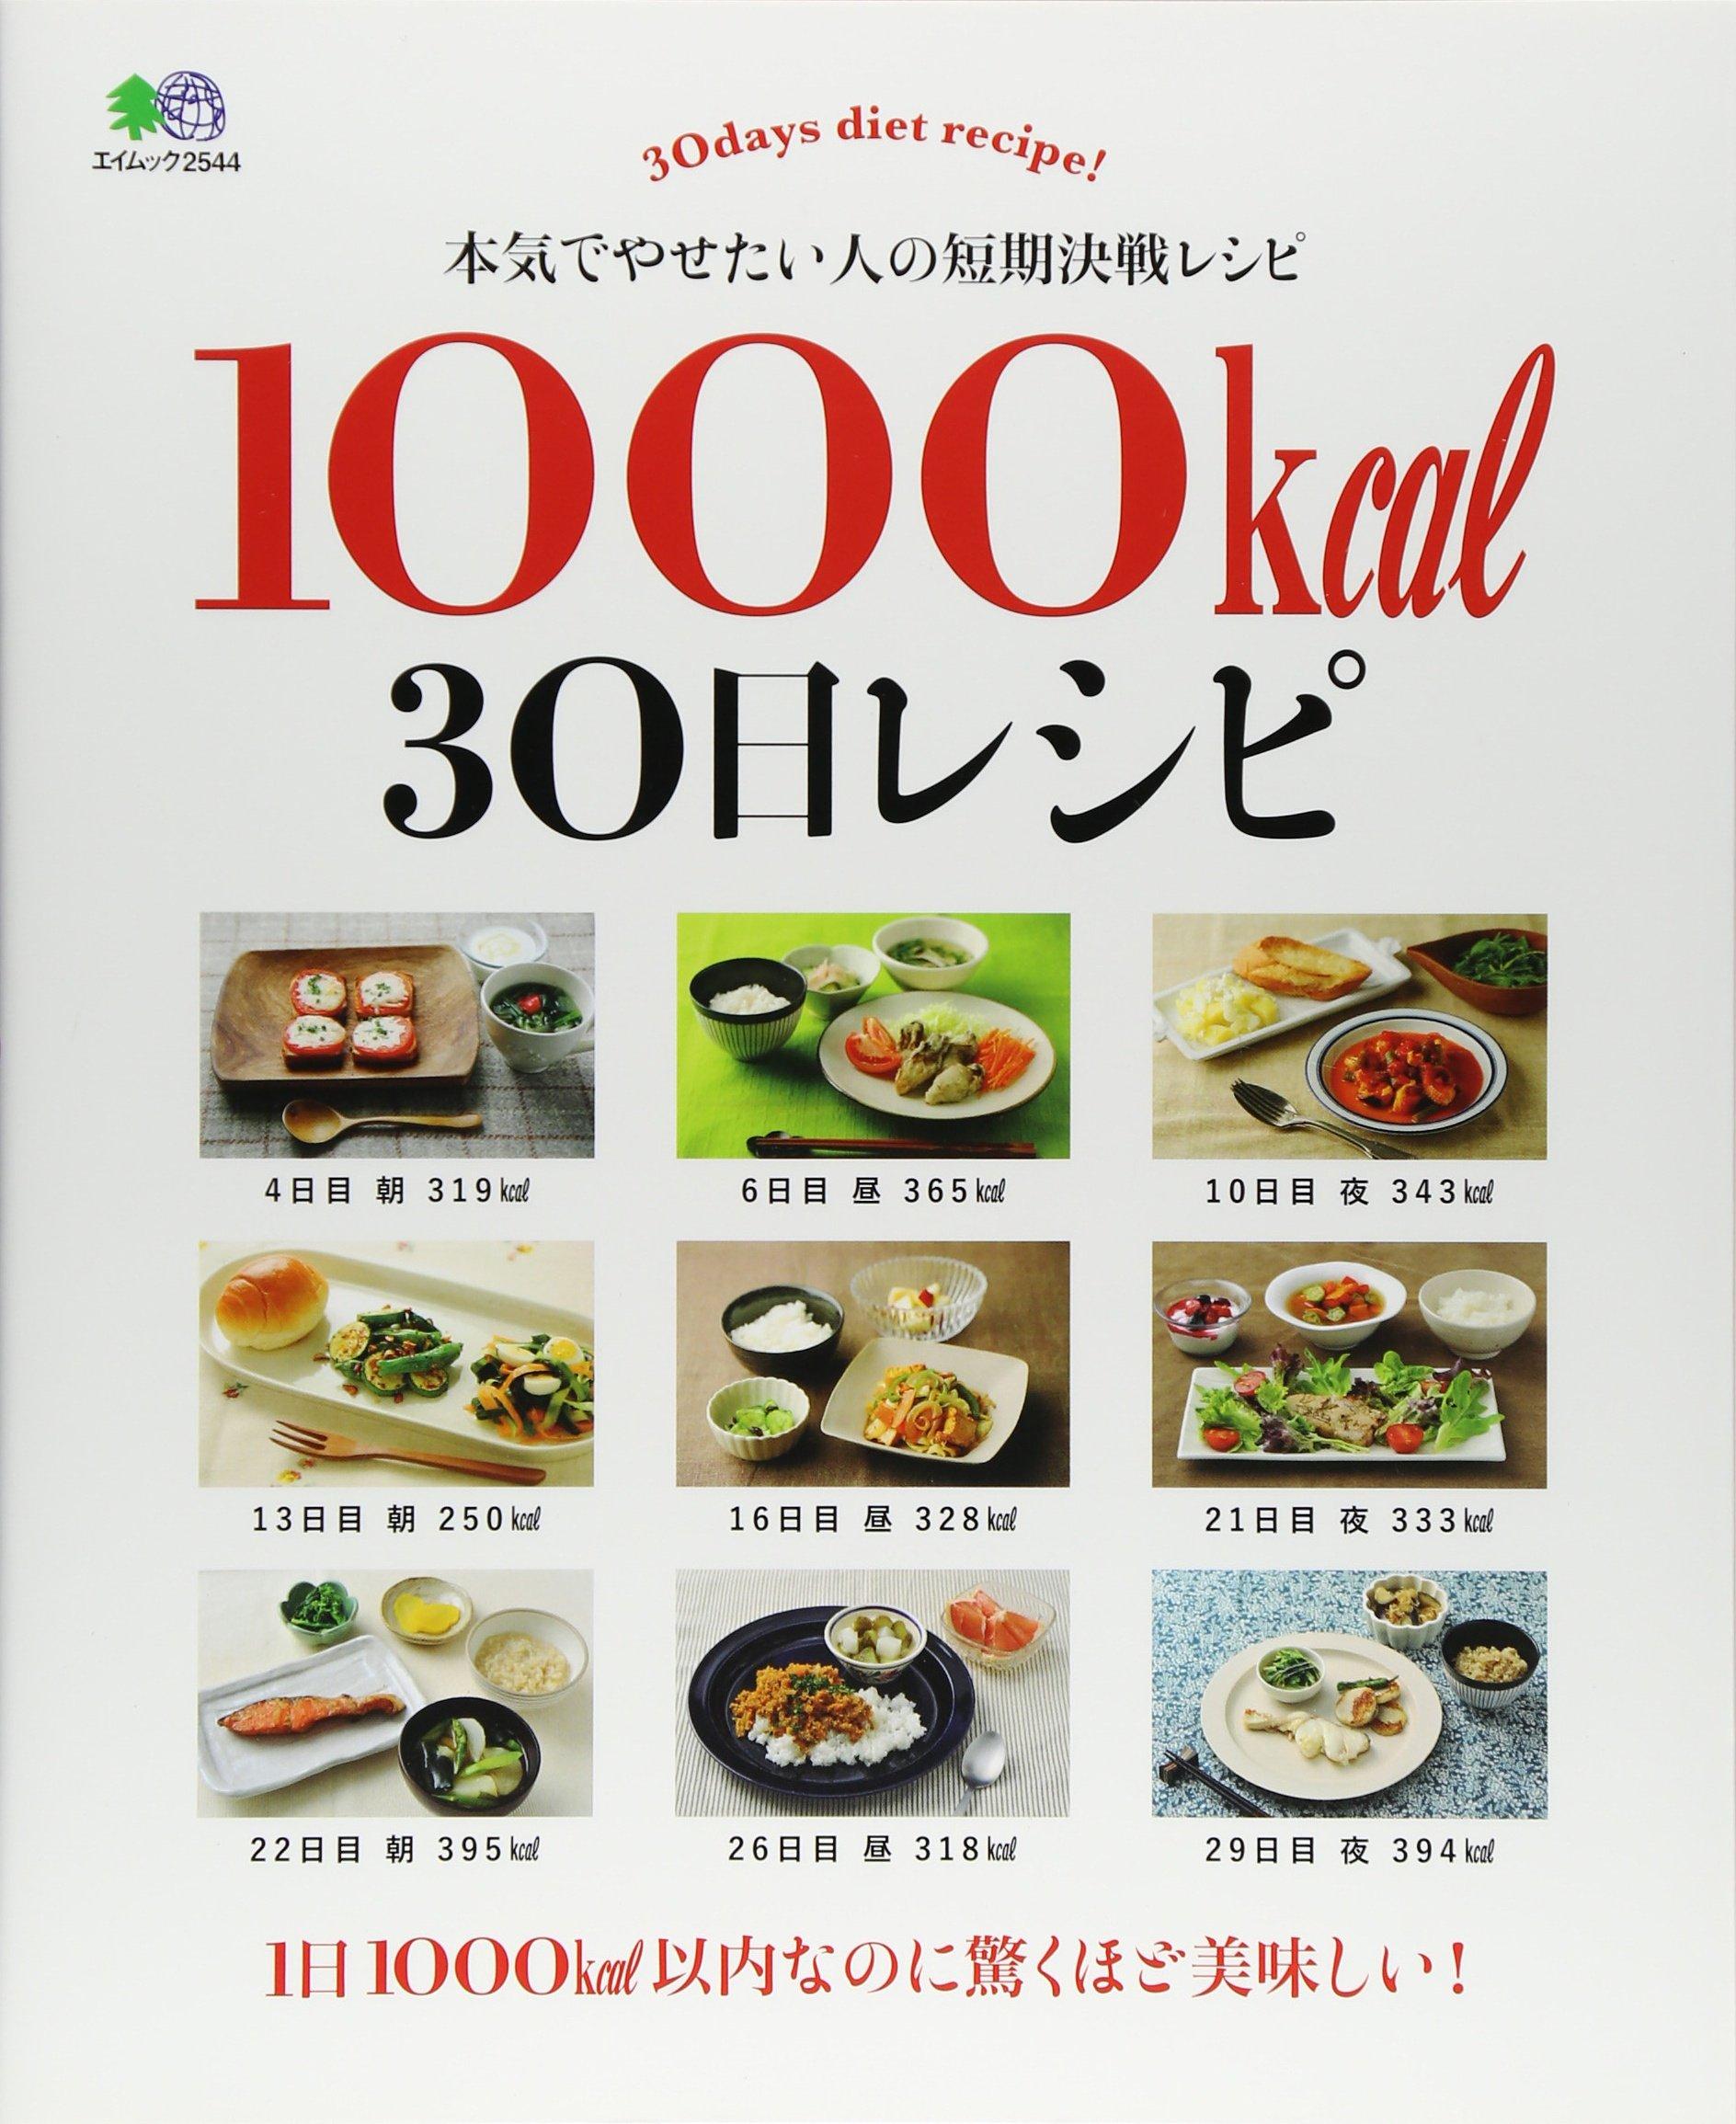 1 日 1000 キロカロリー